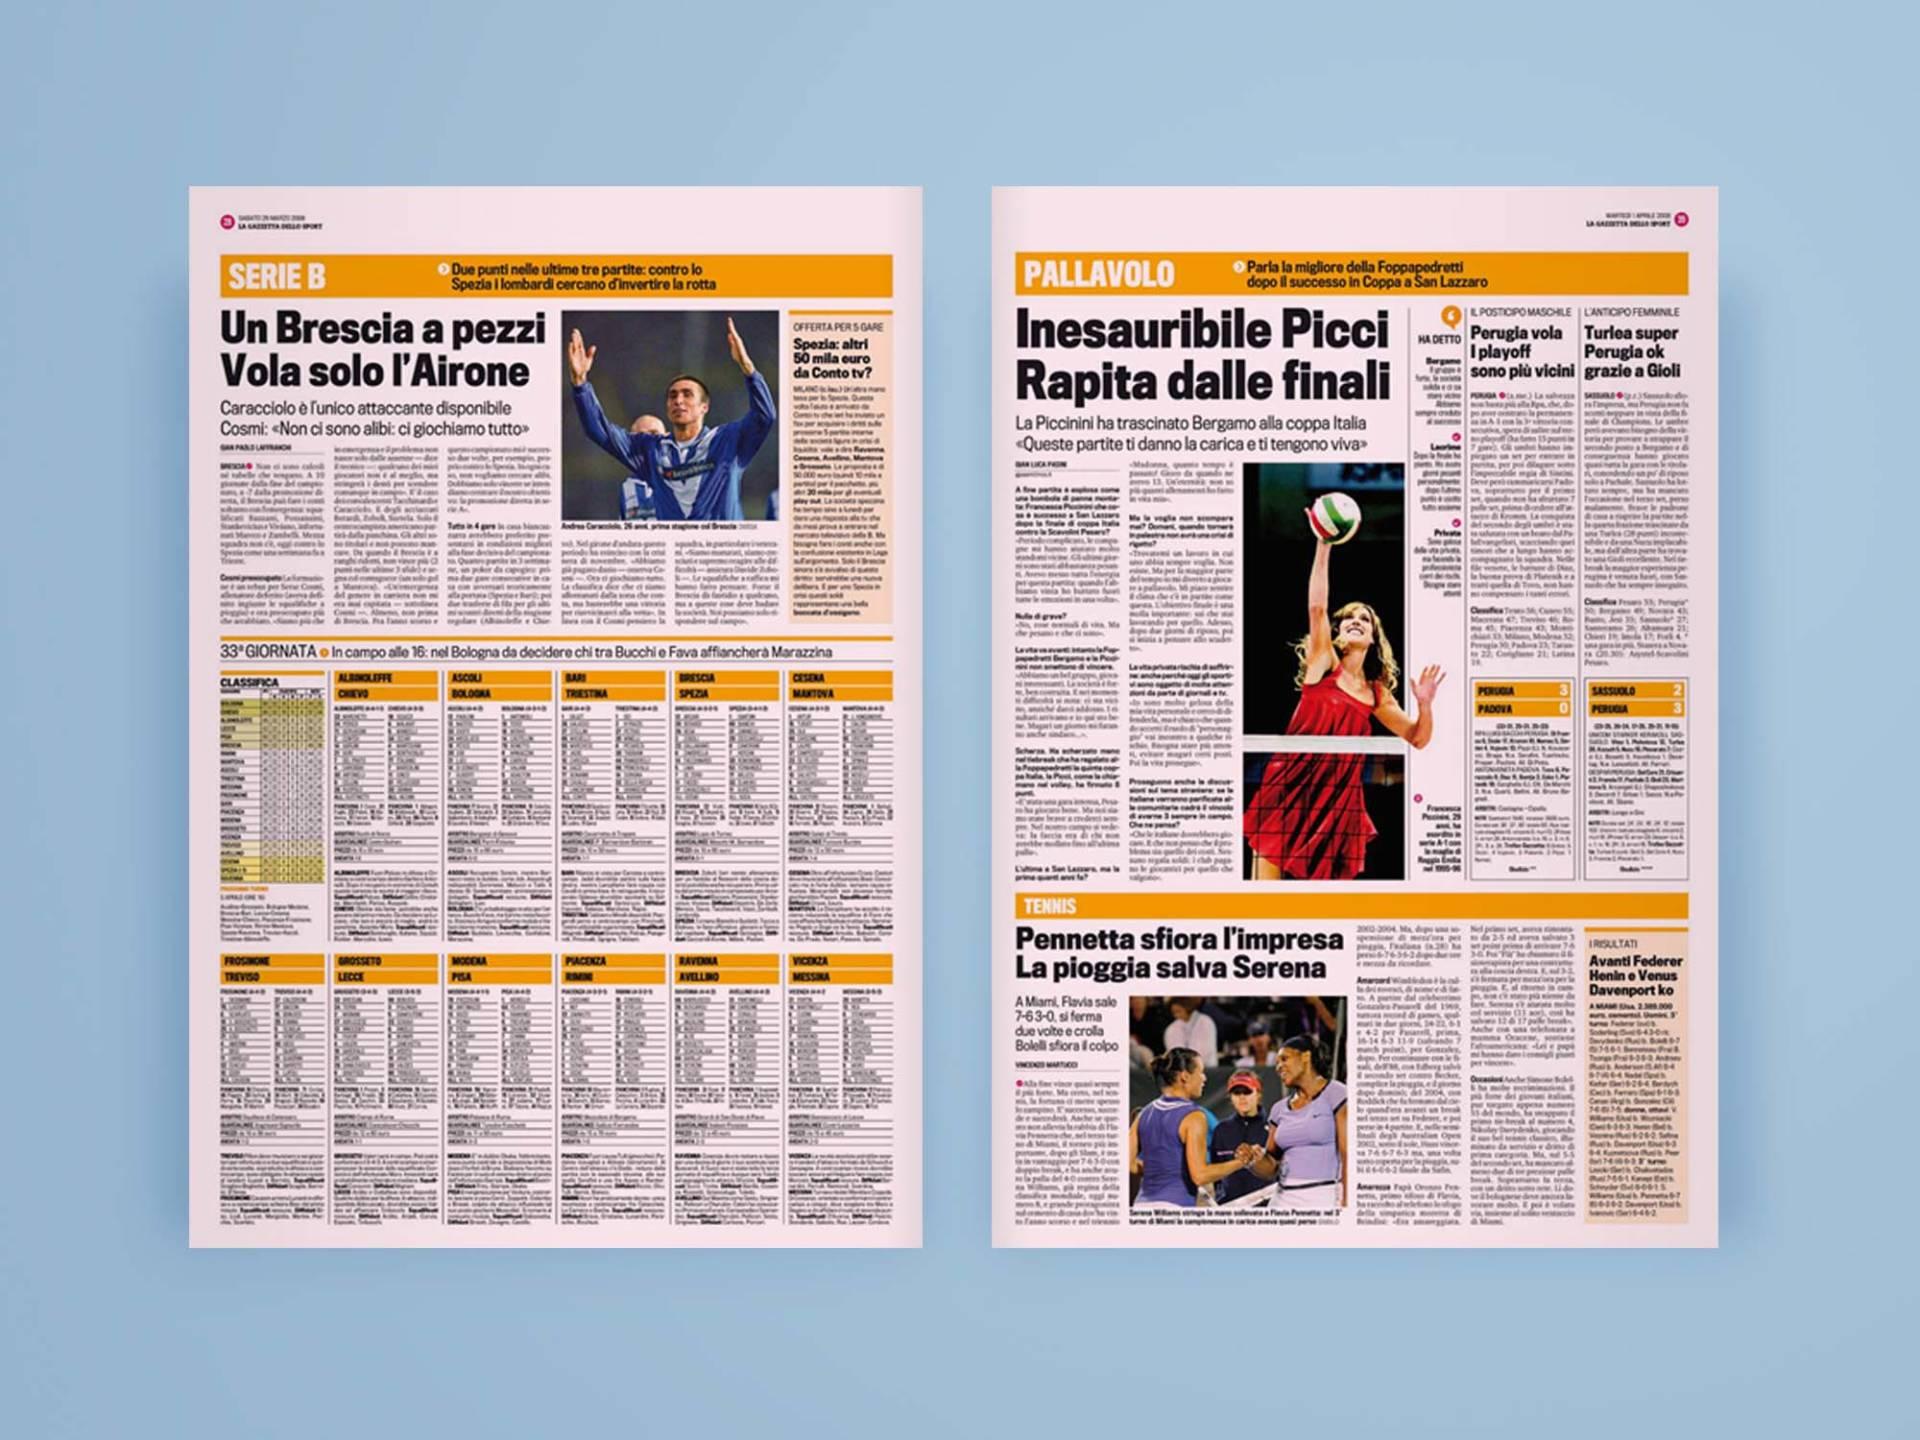 La_Gazzetta_Dello_Sport_08_Wenceslau_News_Design